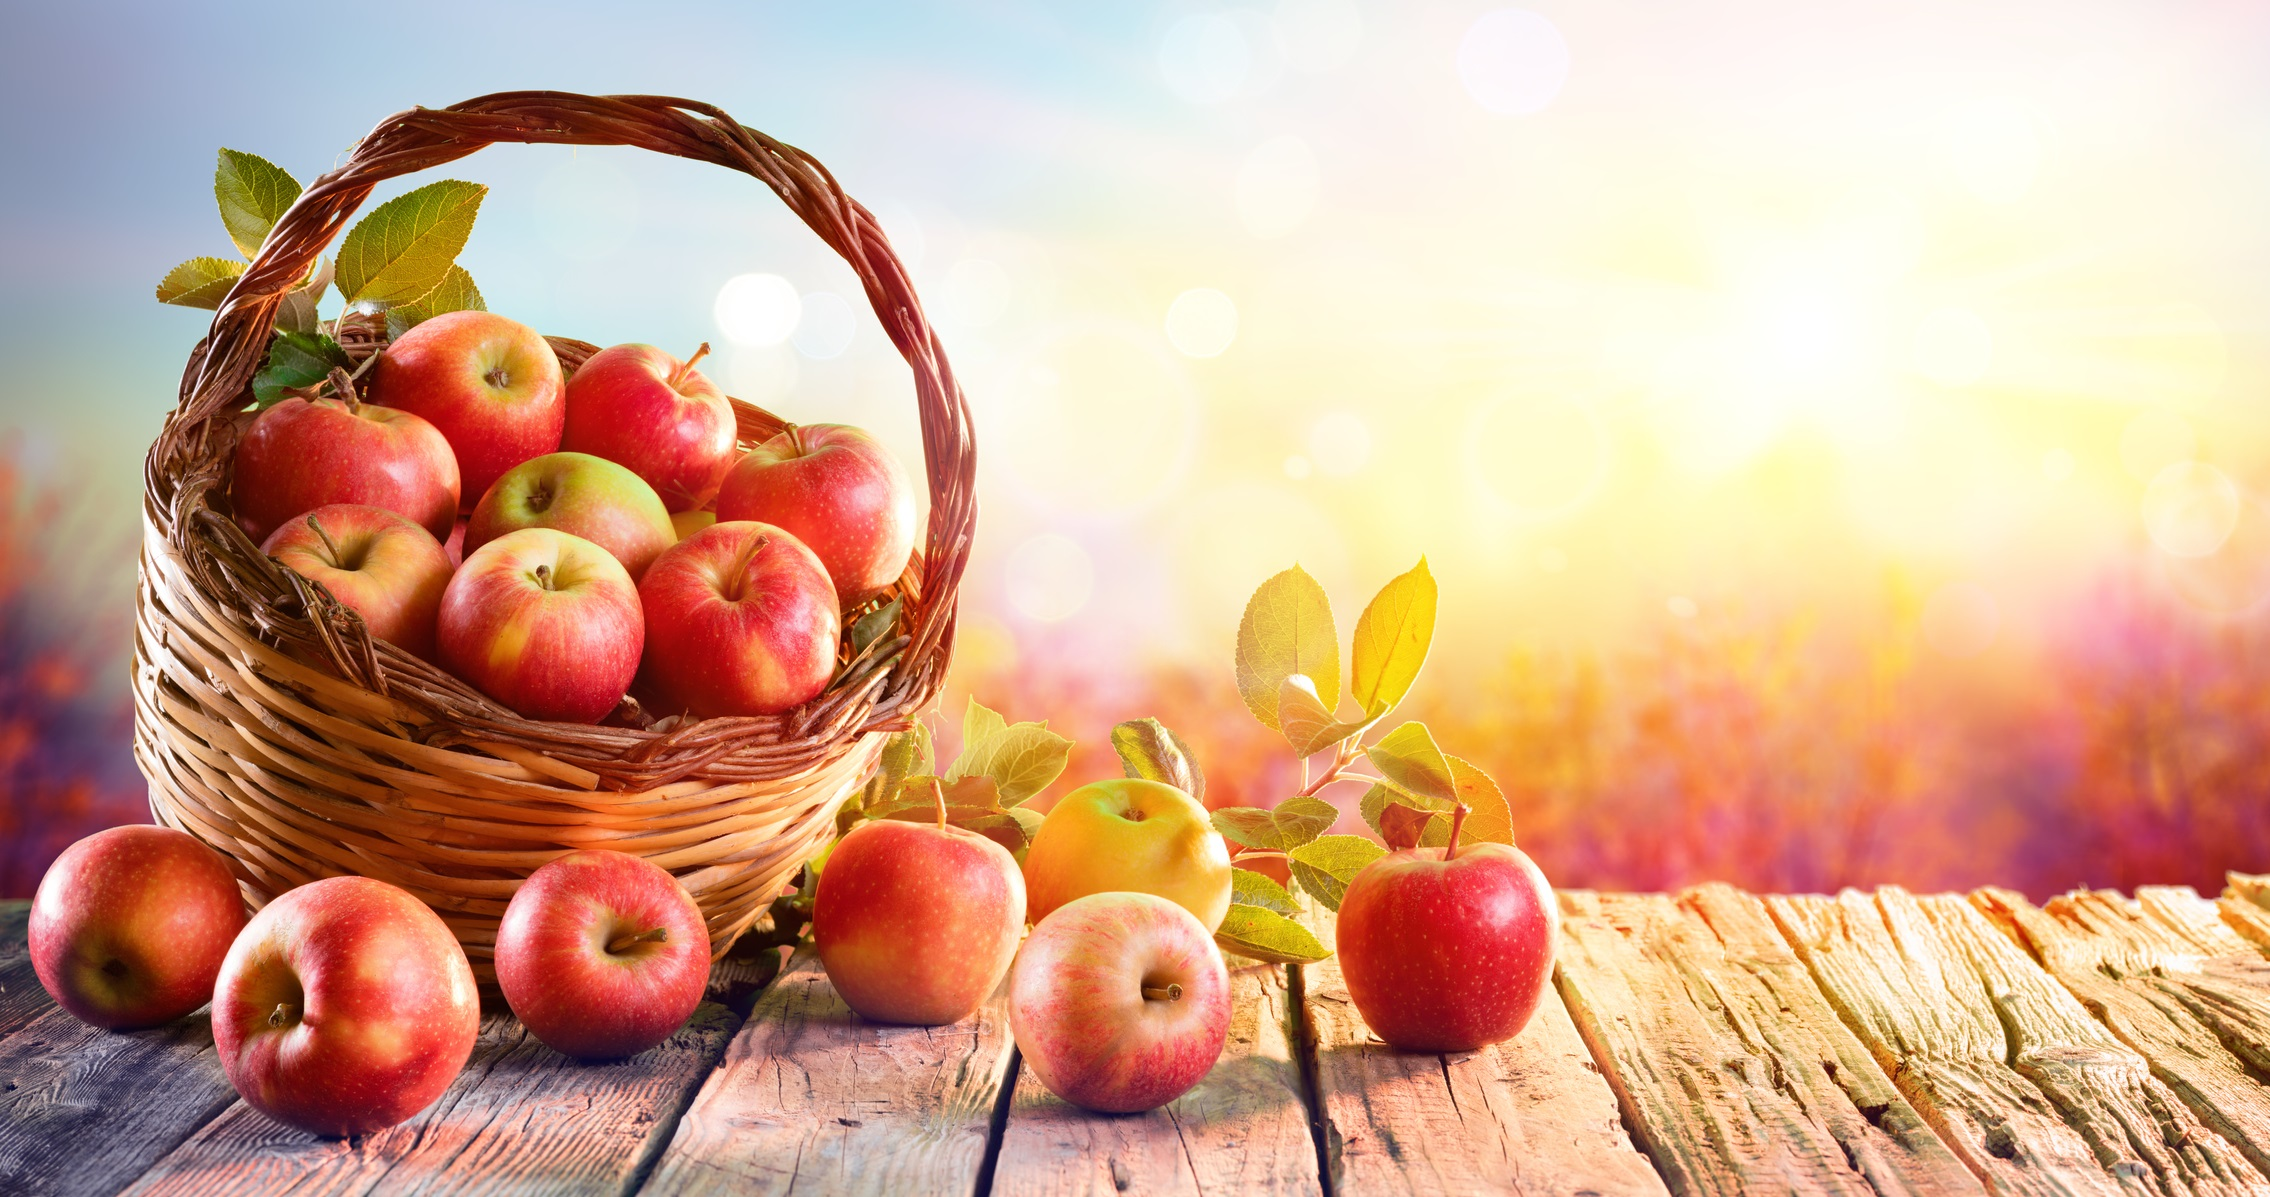 <p><strong>Стрелец &ndash; ябълка</strong></p>  <p>Стрелецът има добър вкус за нещата и обича класиката. Няма по-класически плод от ябълката.</p>